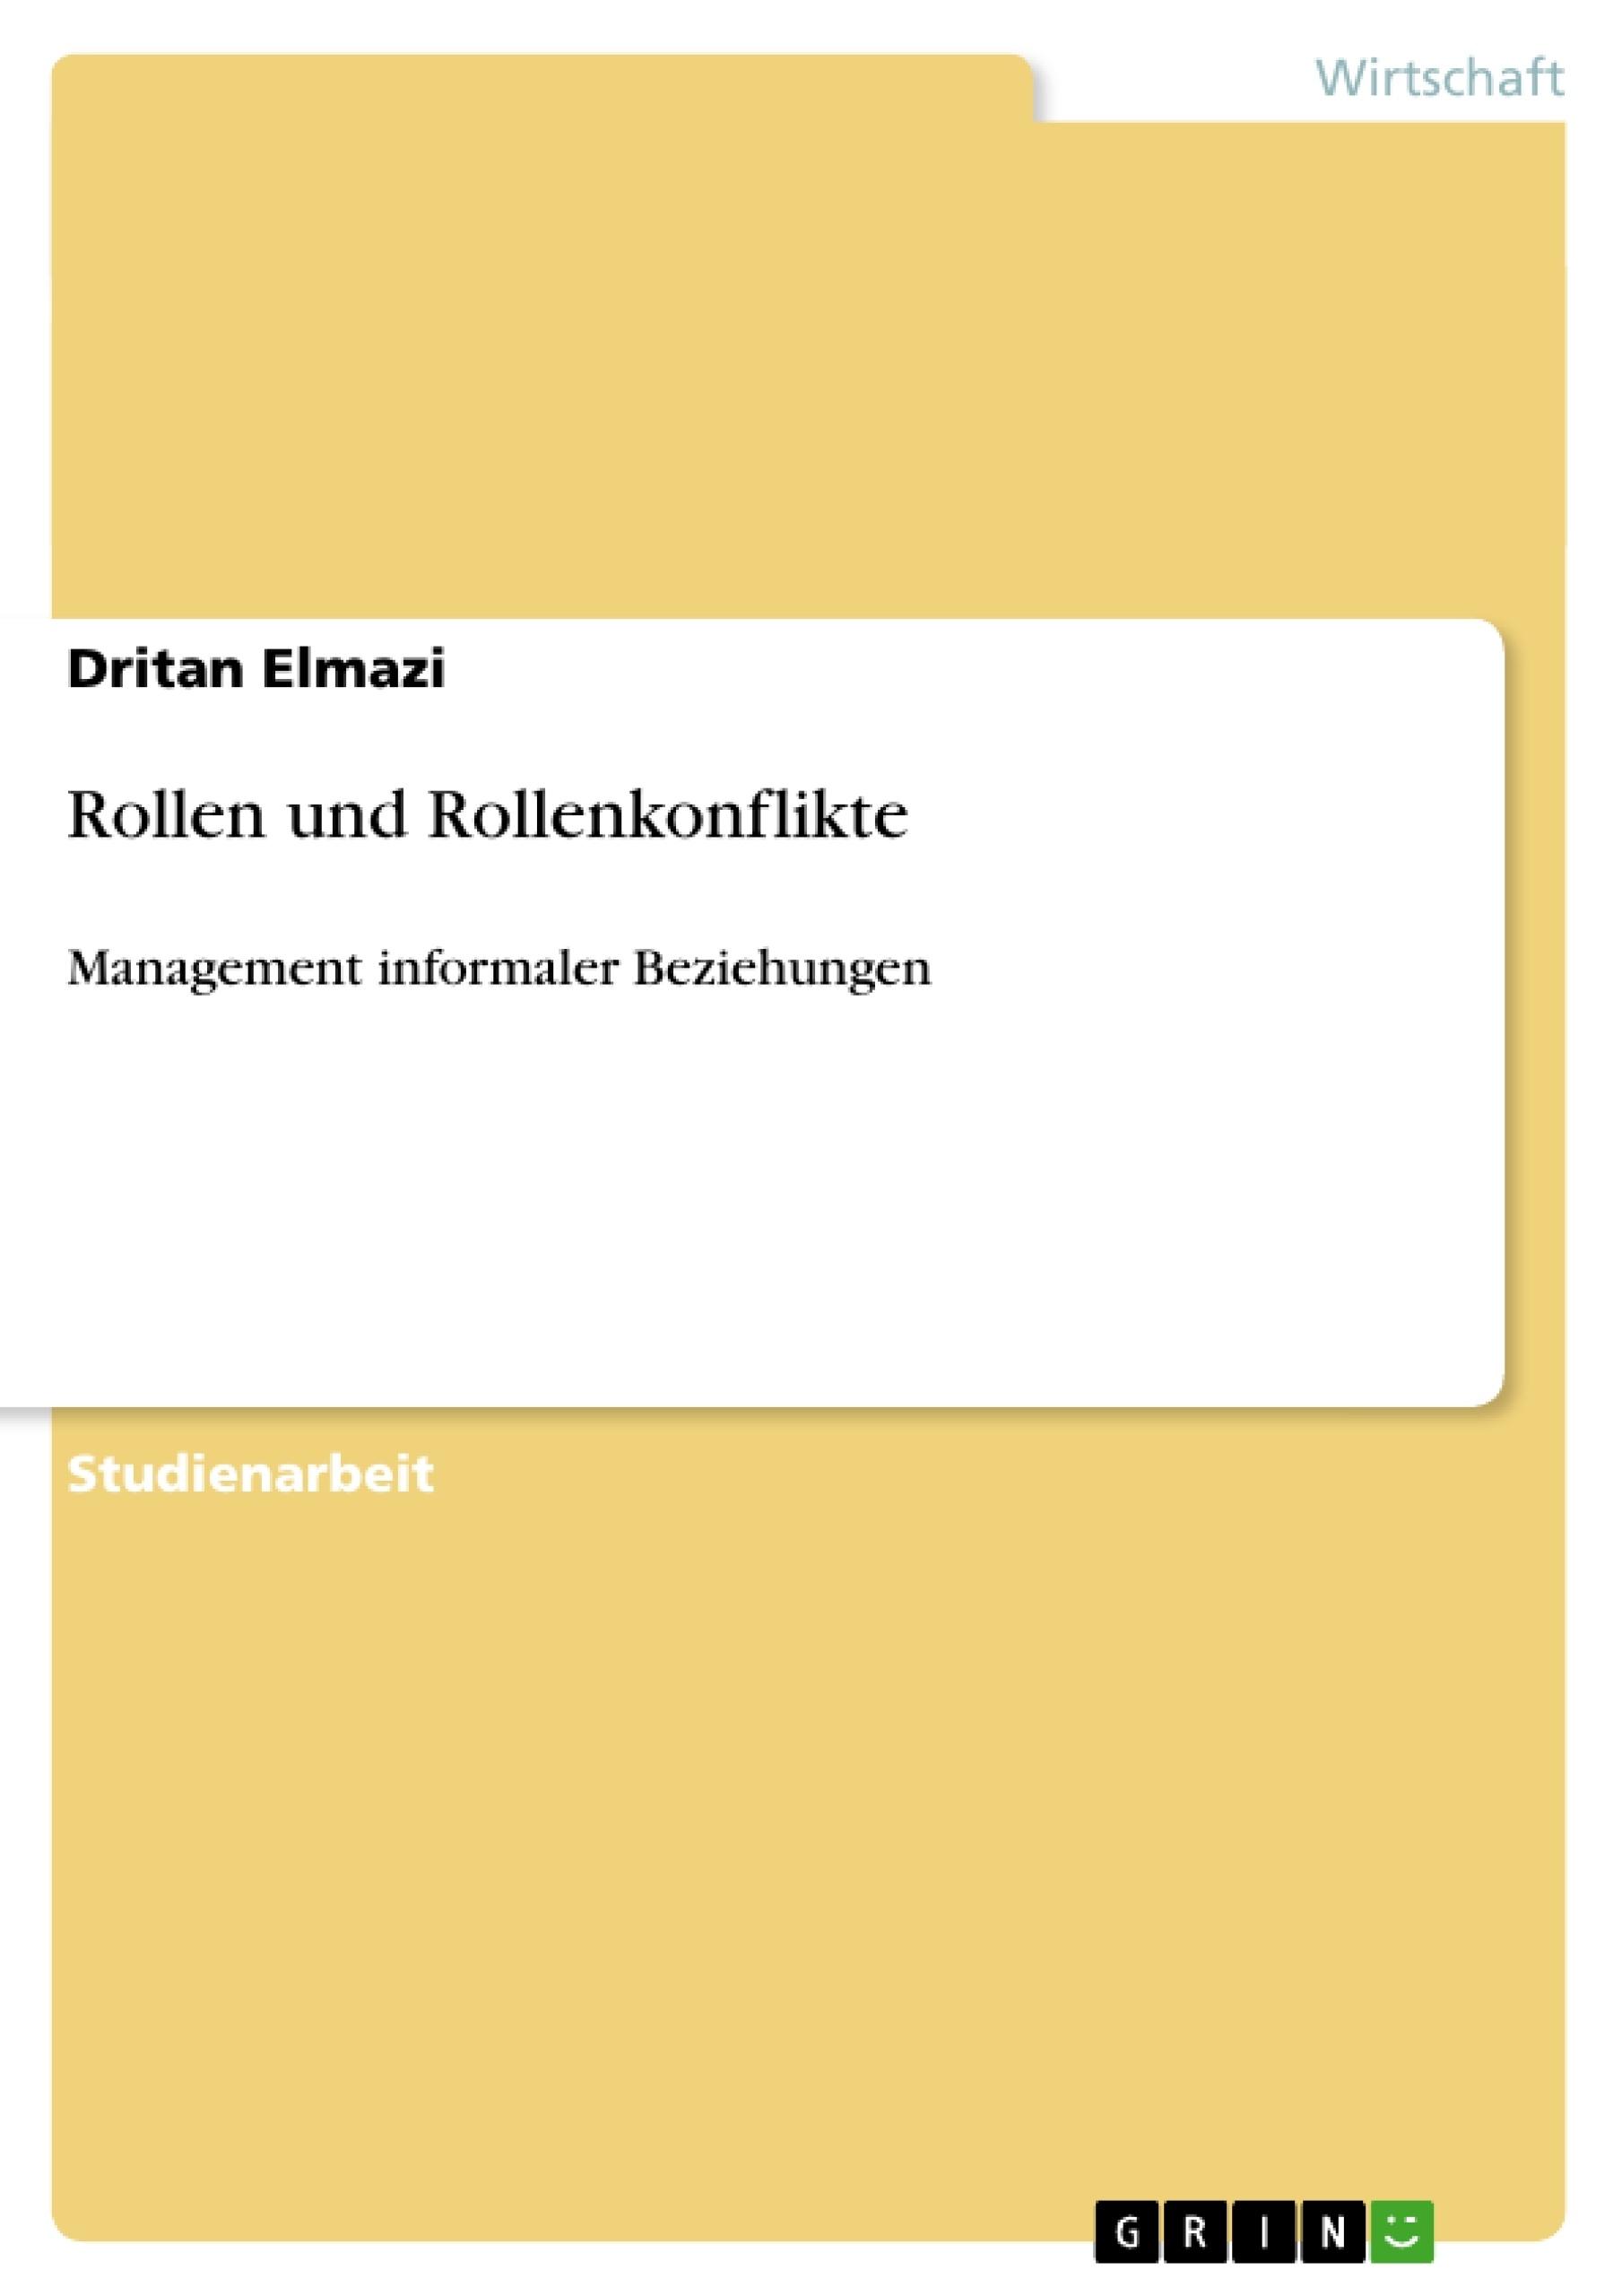 Titel: Rollen und Rollenkonflikte